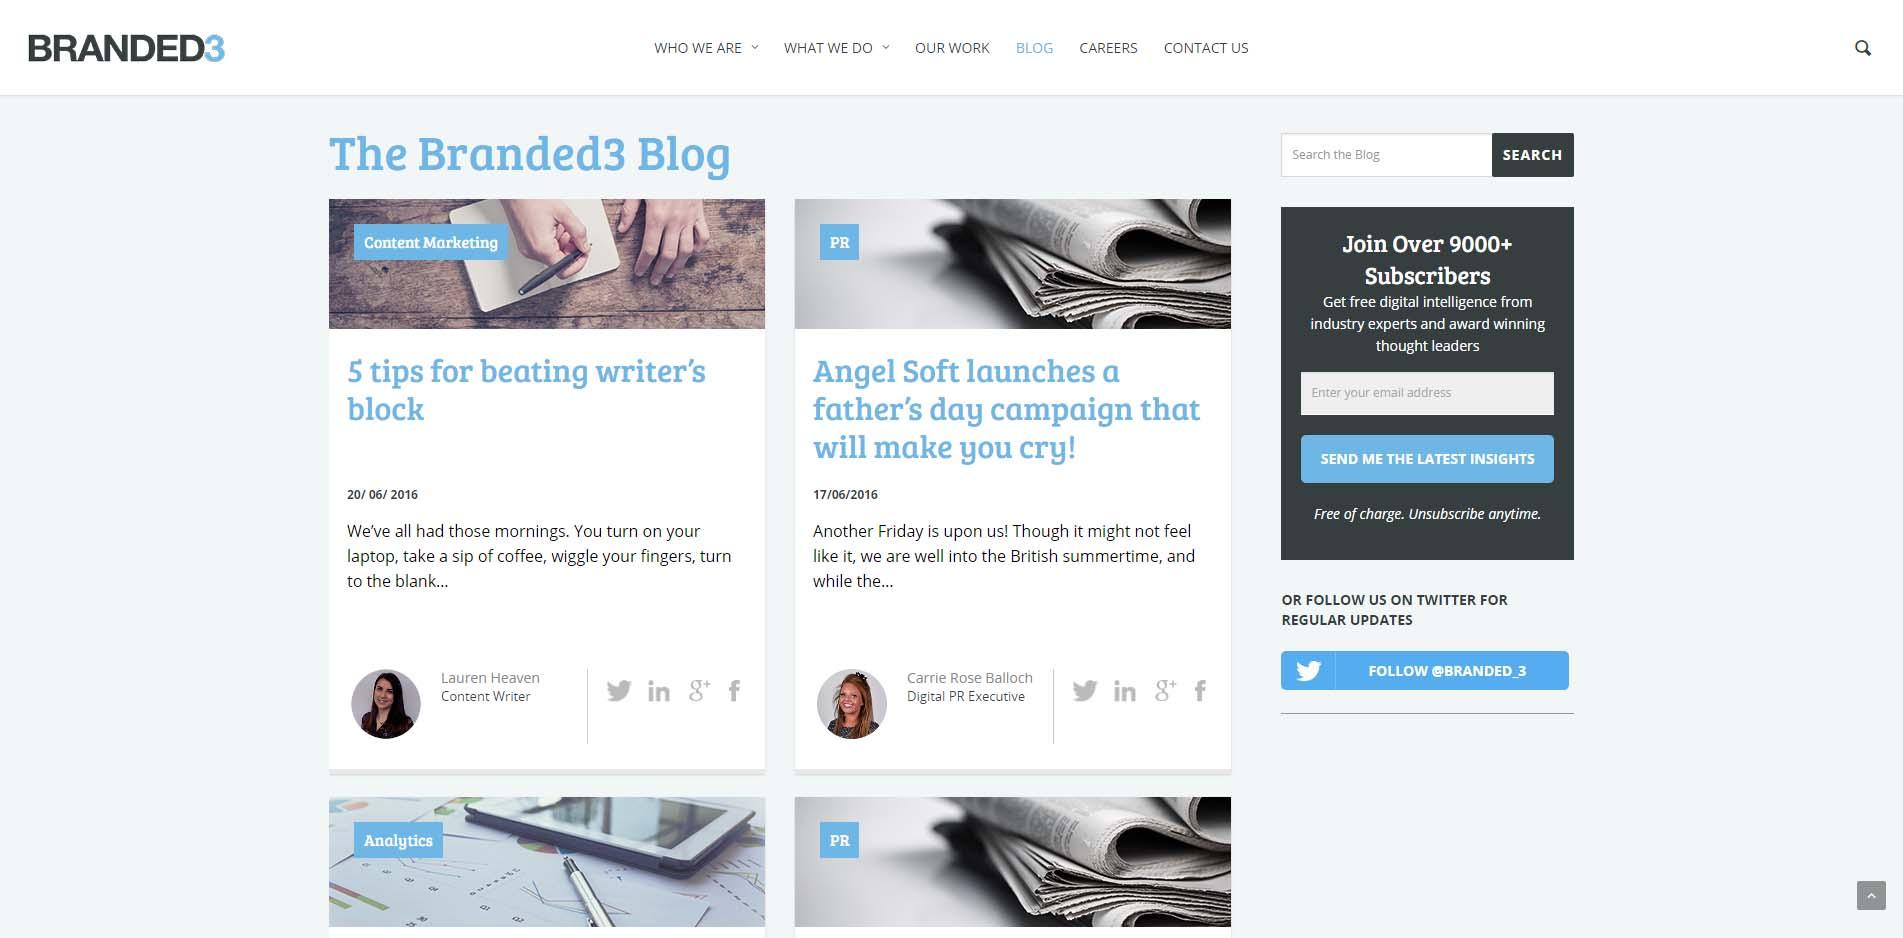 seo-blog-branded3-com